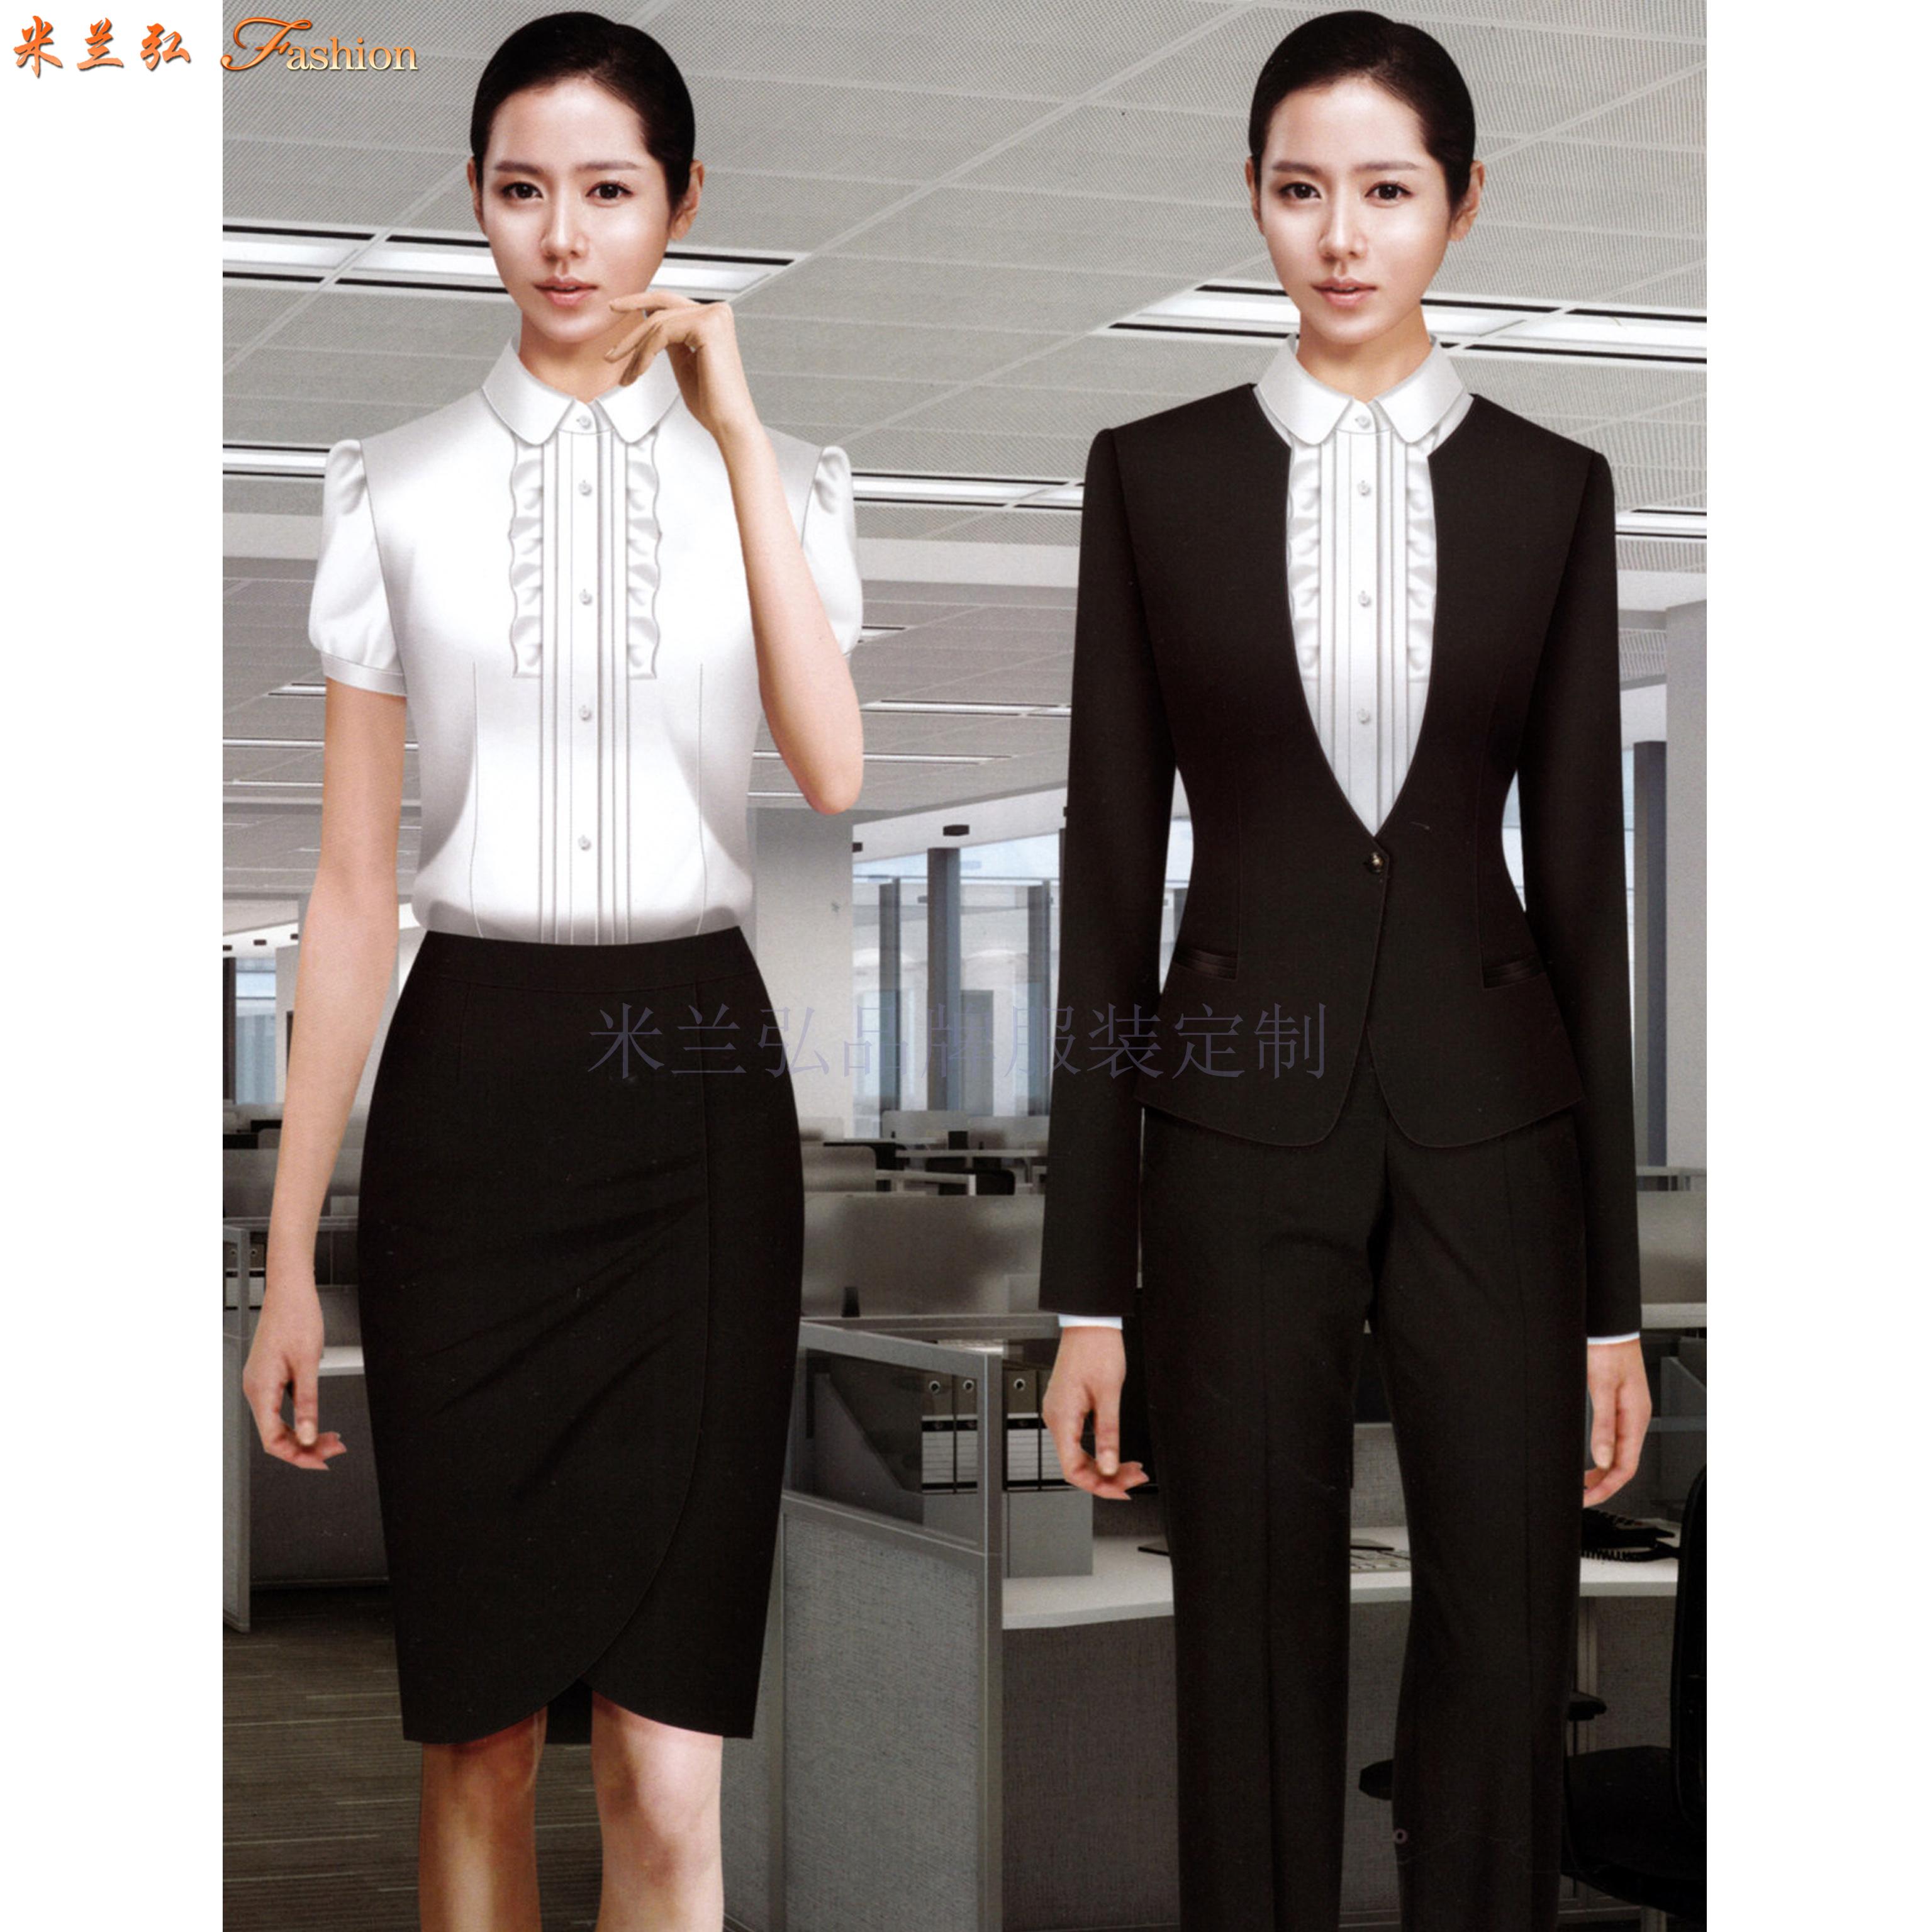 京津冀公司職業裝定制-選擇潮流時尚的正裝職業裝公司-米蘭弘-5